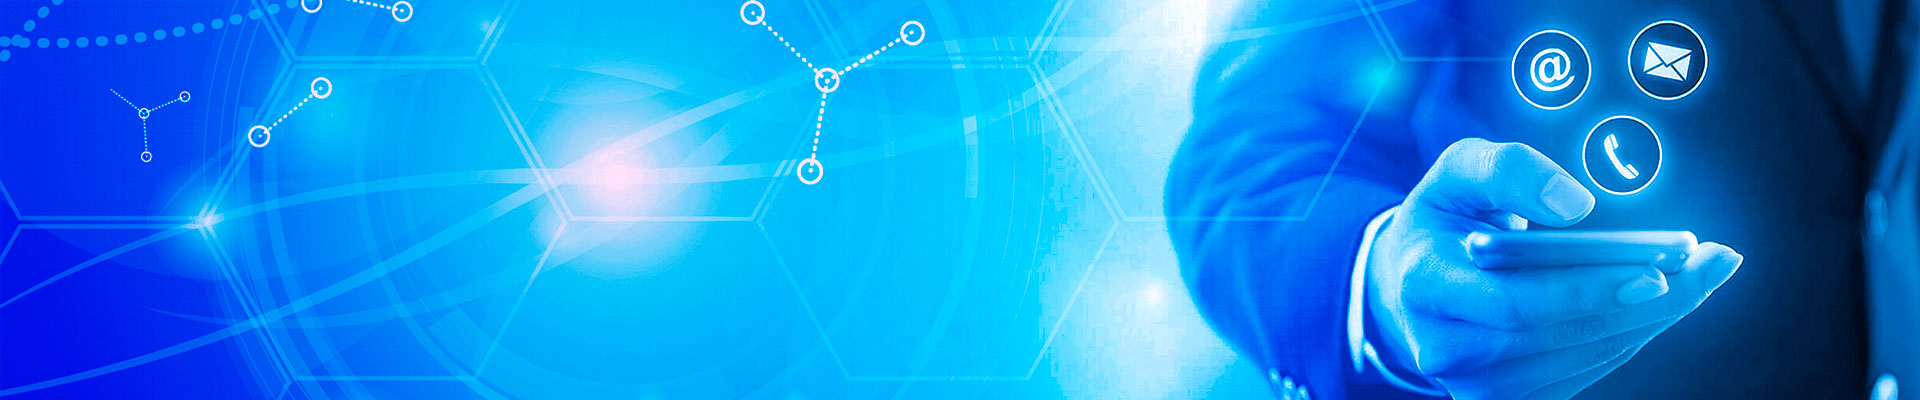 «Ростелеком» стал совладельцем 31% Фонда развития интернет-инициатив